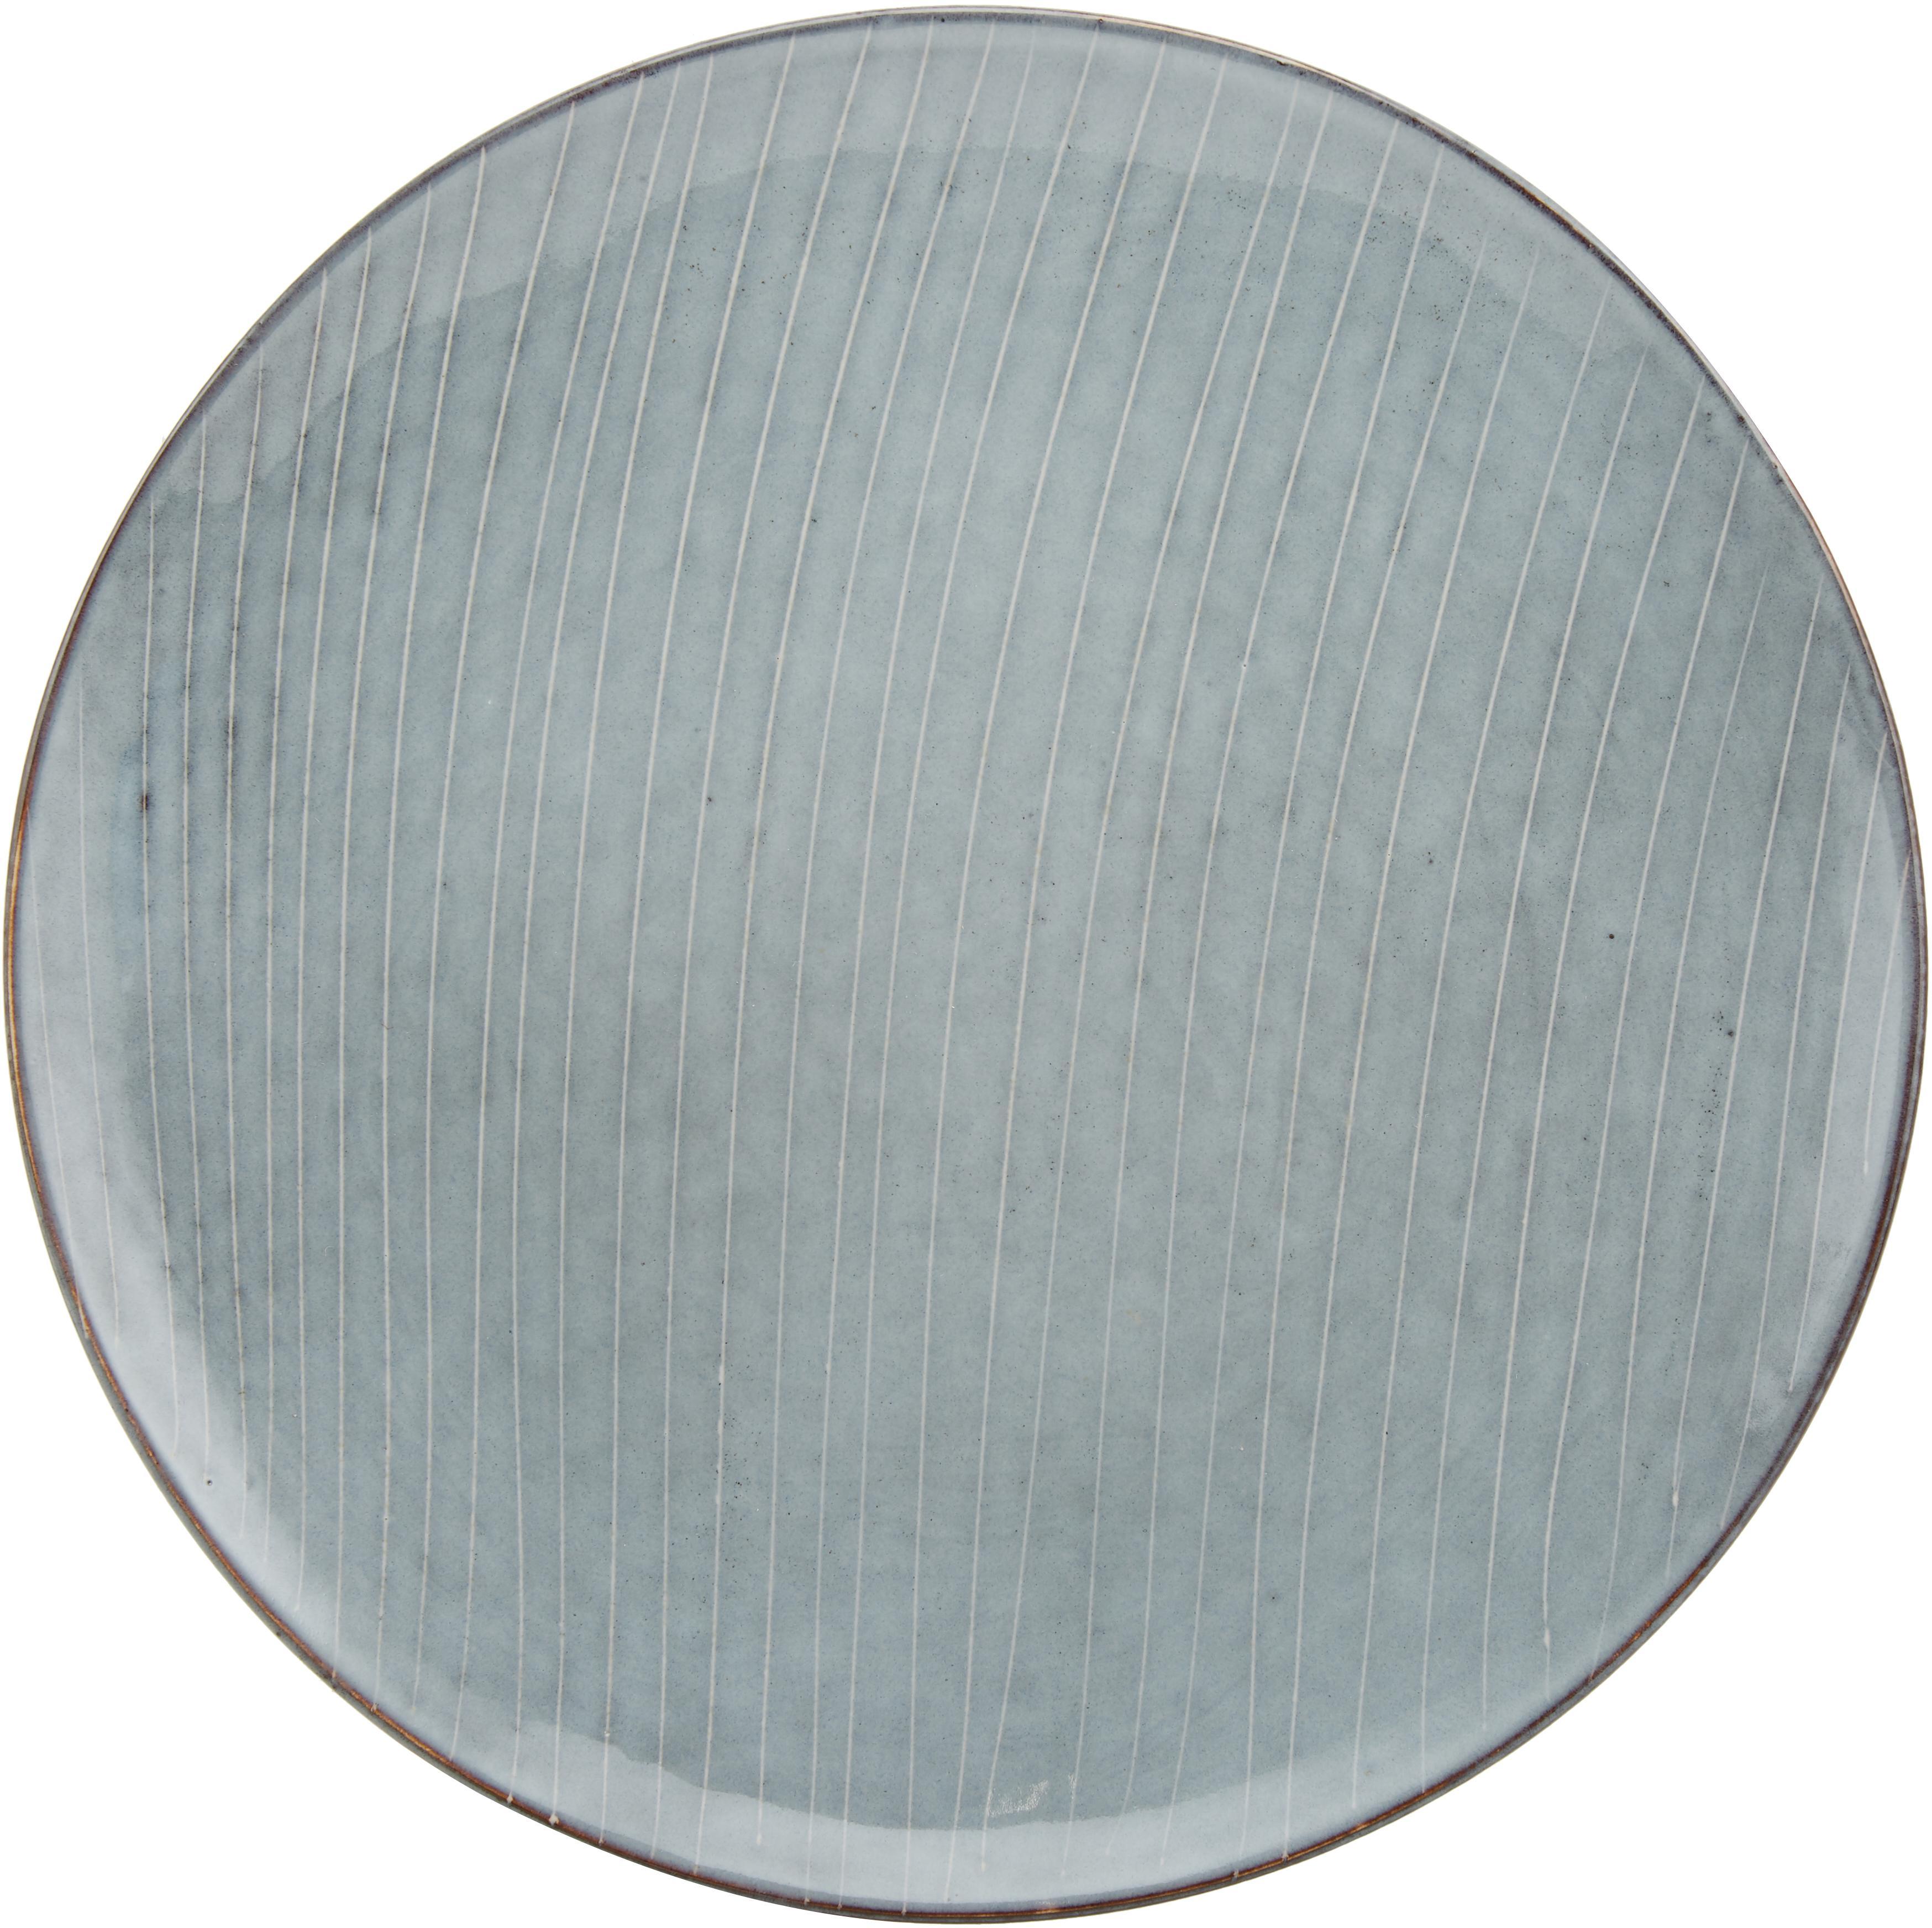 Komplet ręcznie wykonanych naczyń Nordic Sea, 12 elem., Kamionka, Odcienie szarego, odcienie niebieskiego, Komplet z różnymi rozmiarami